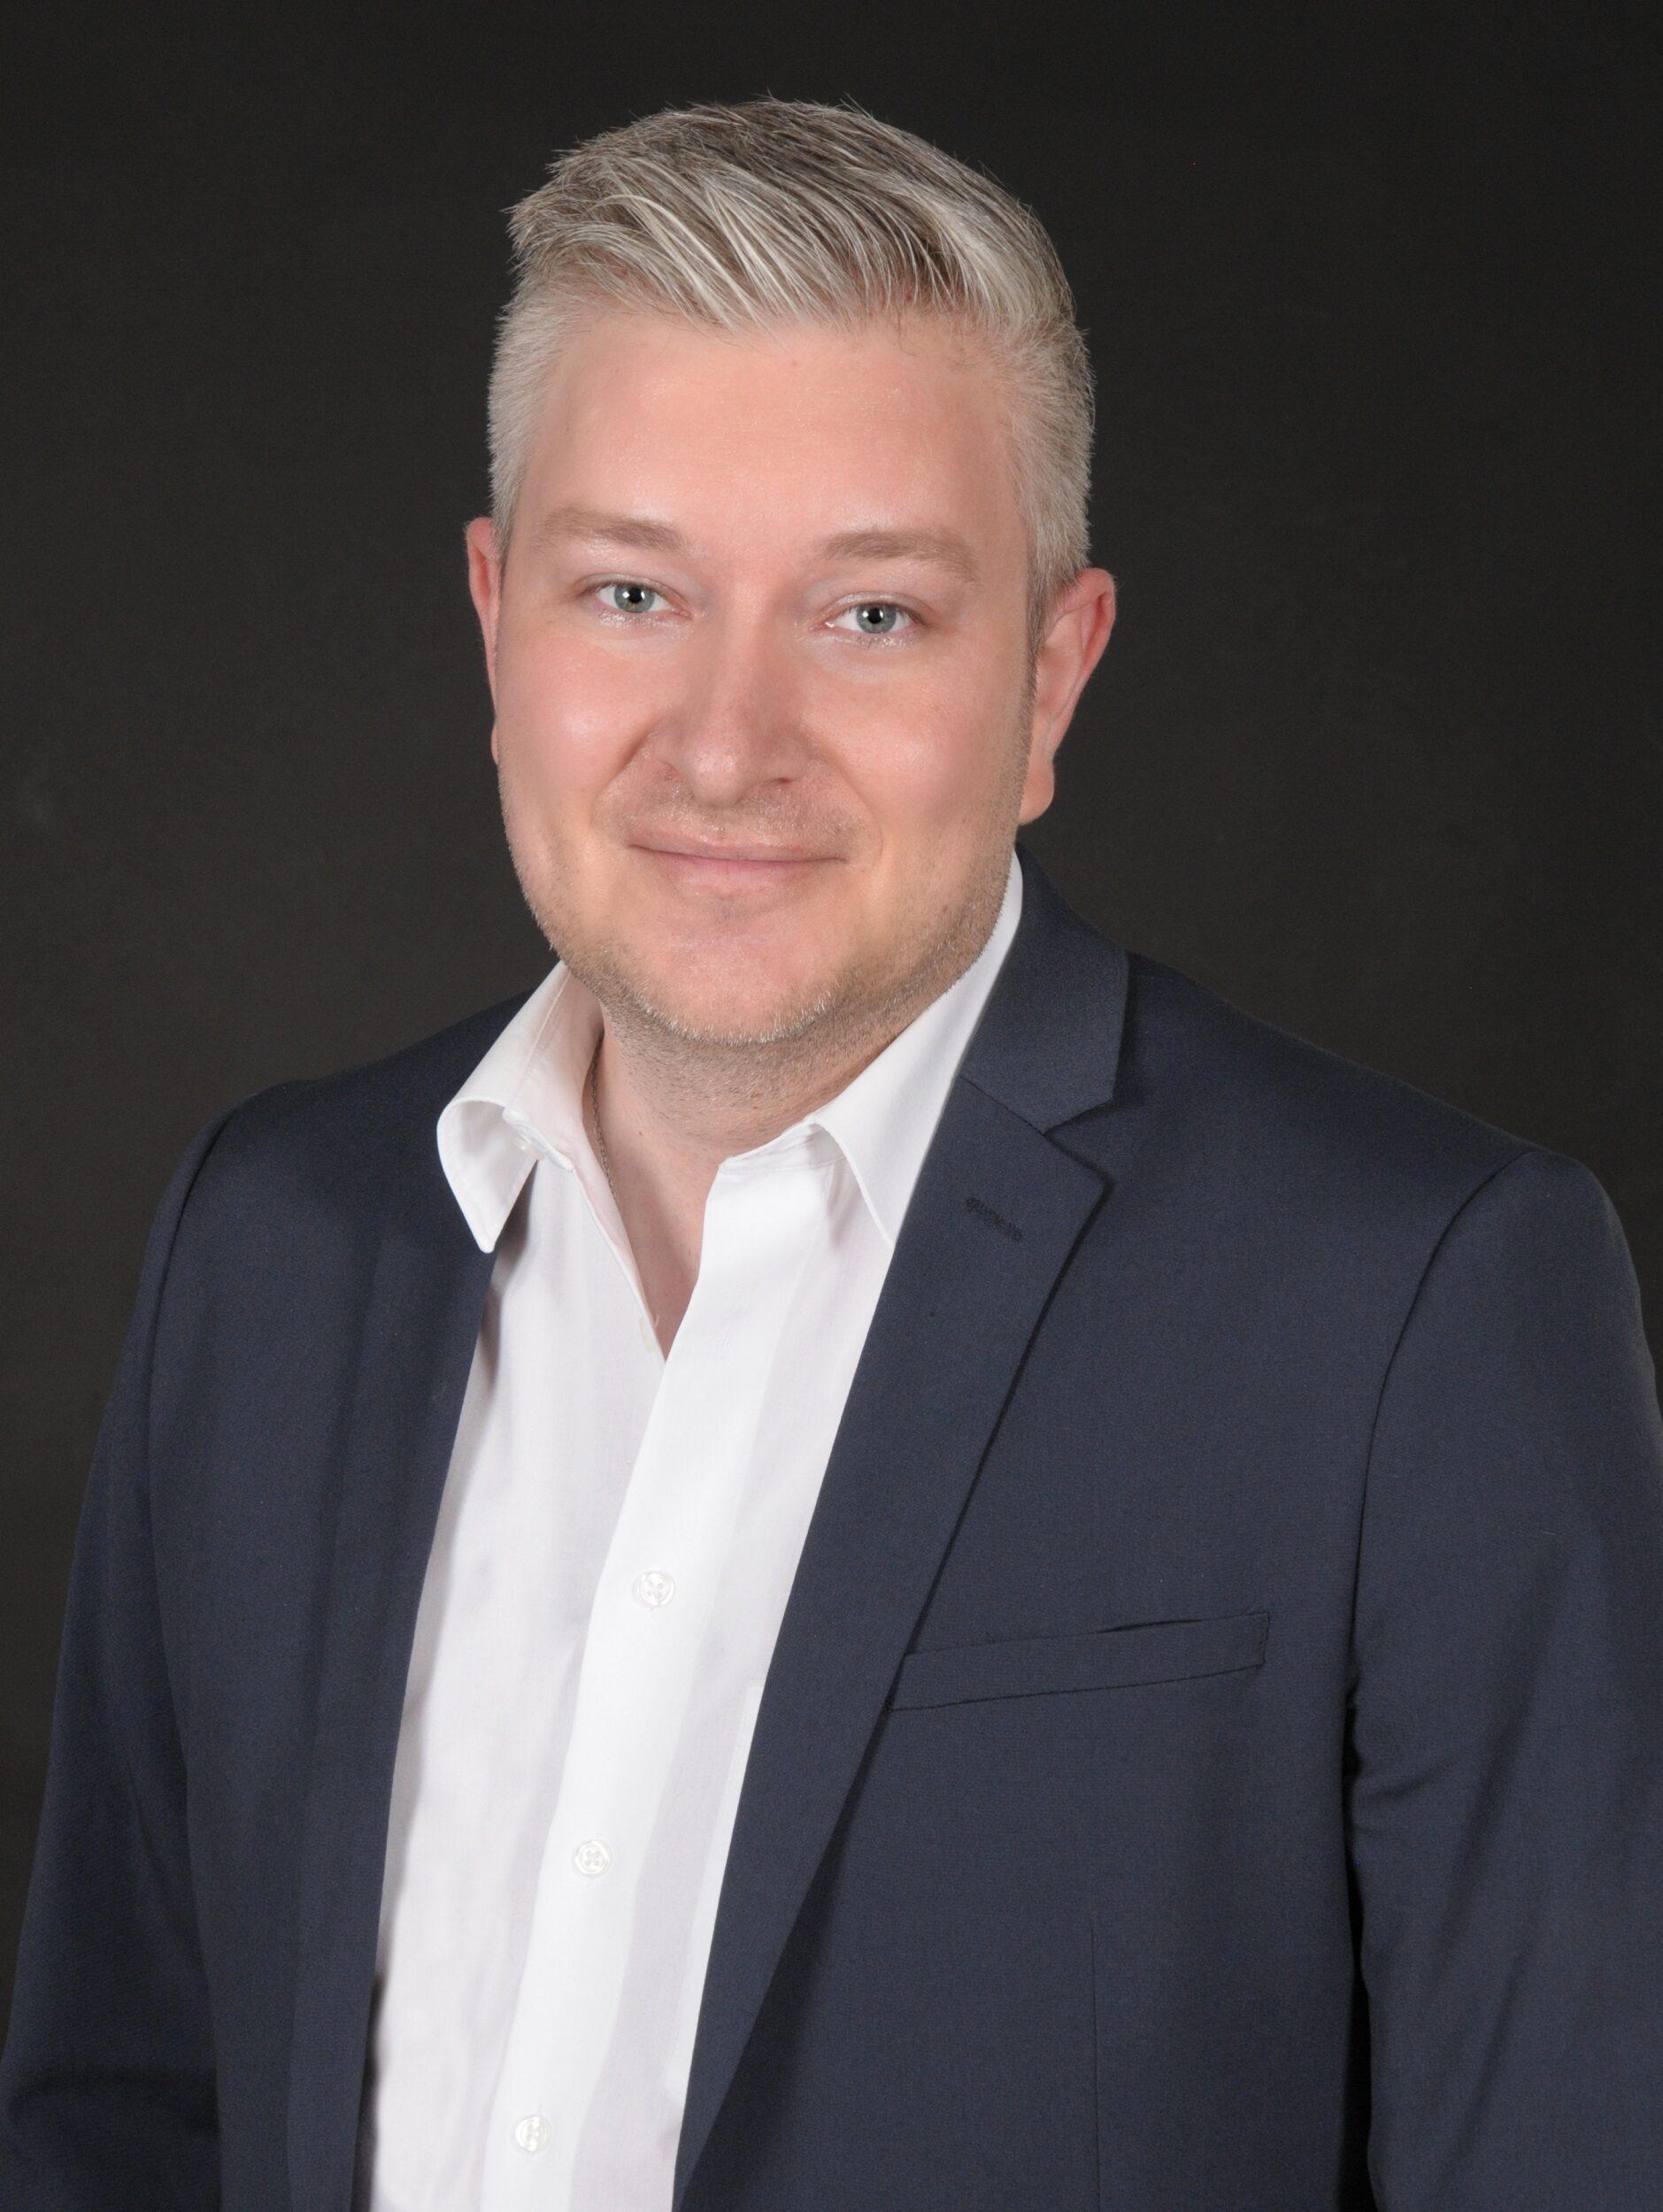 Kai-Steffen Schröder